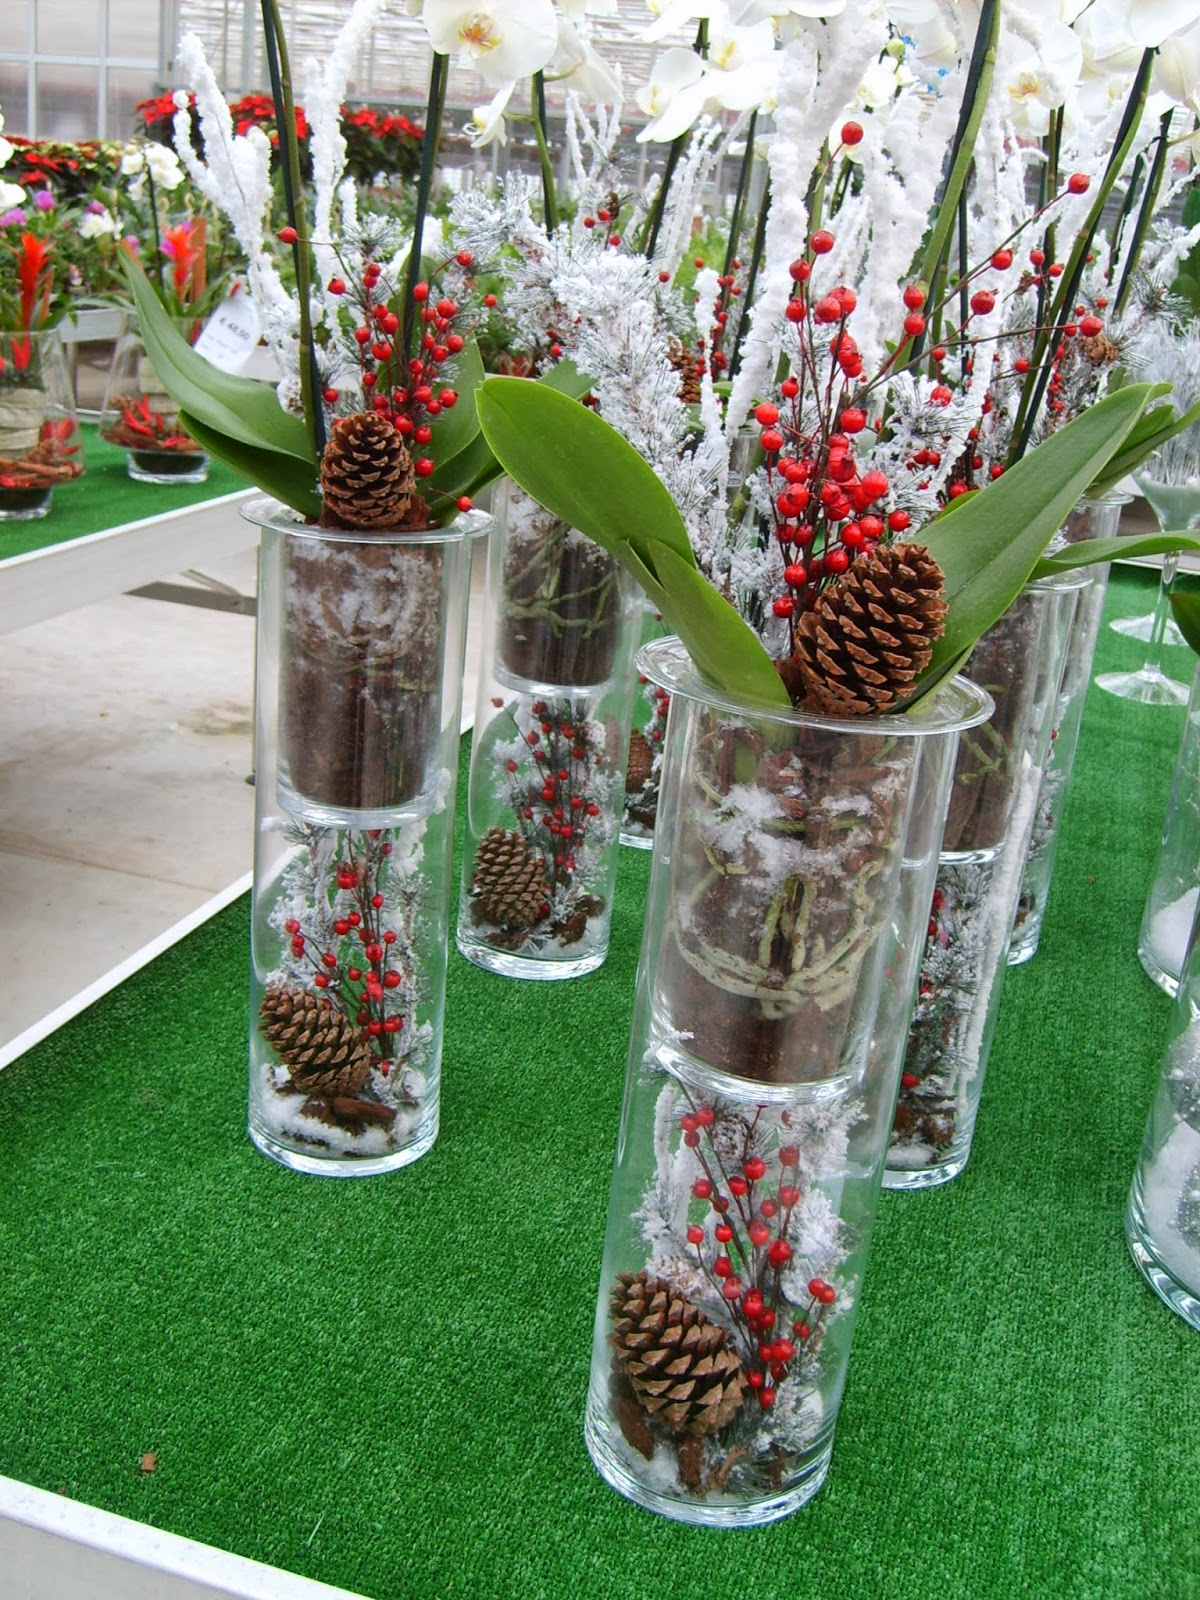 Fiorista il petalo i regali di babbo natale for Composizioni natalizie in vasi di vetro